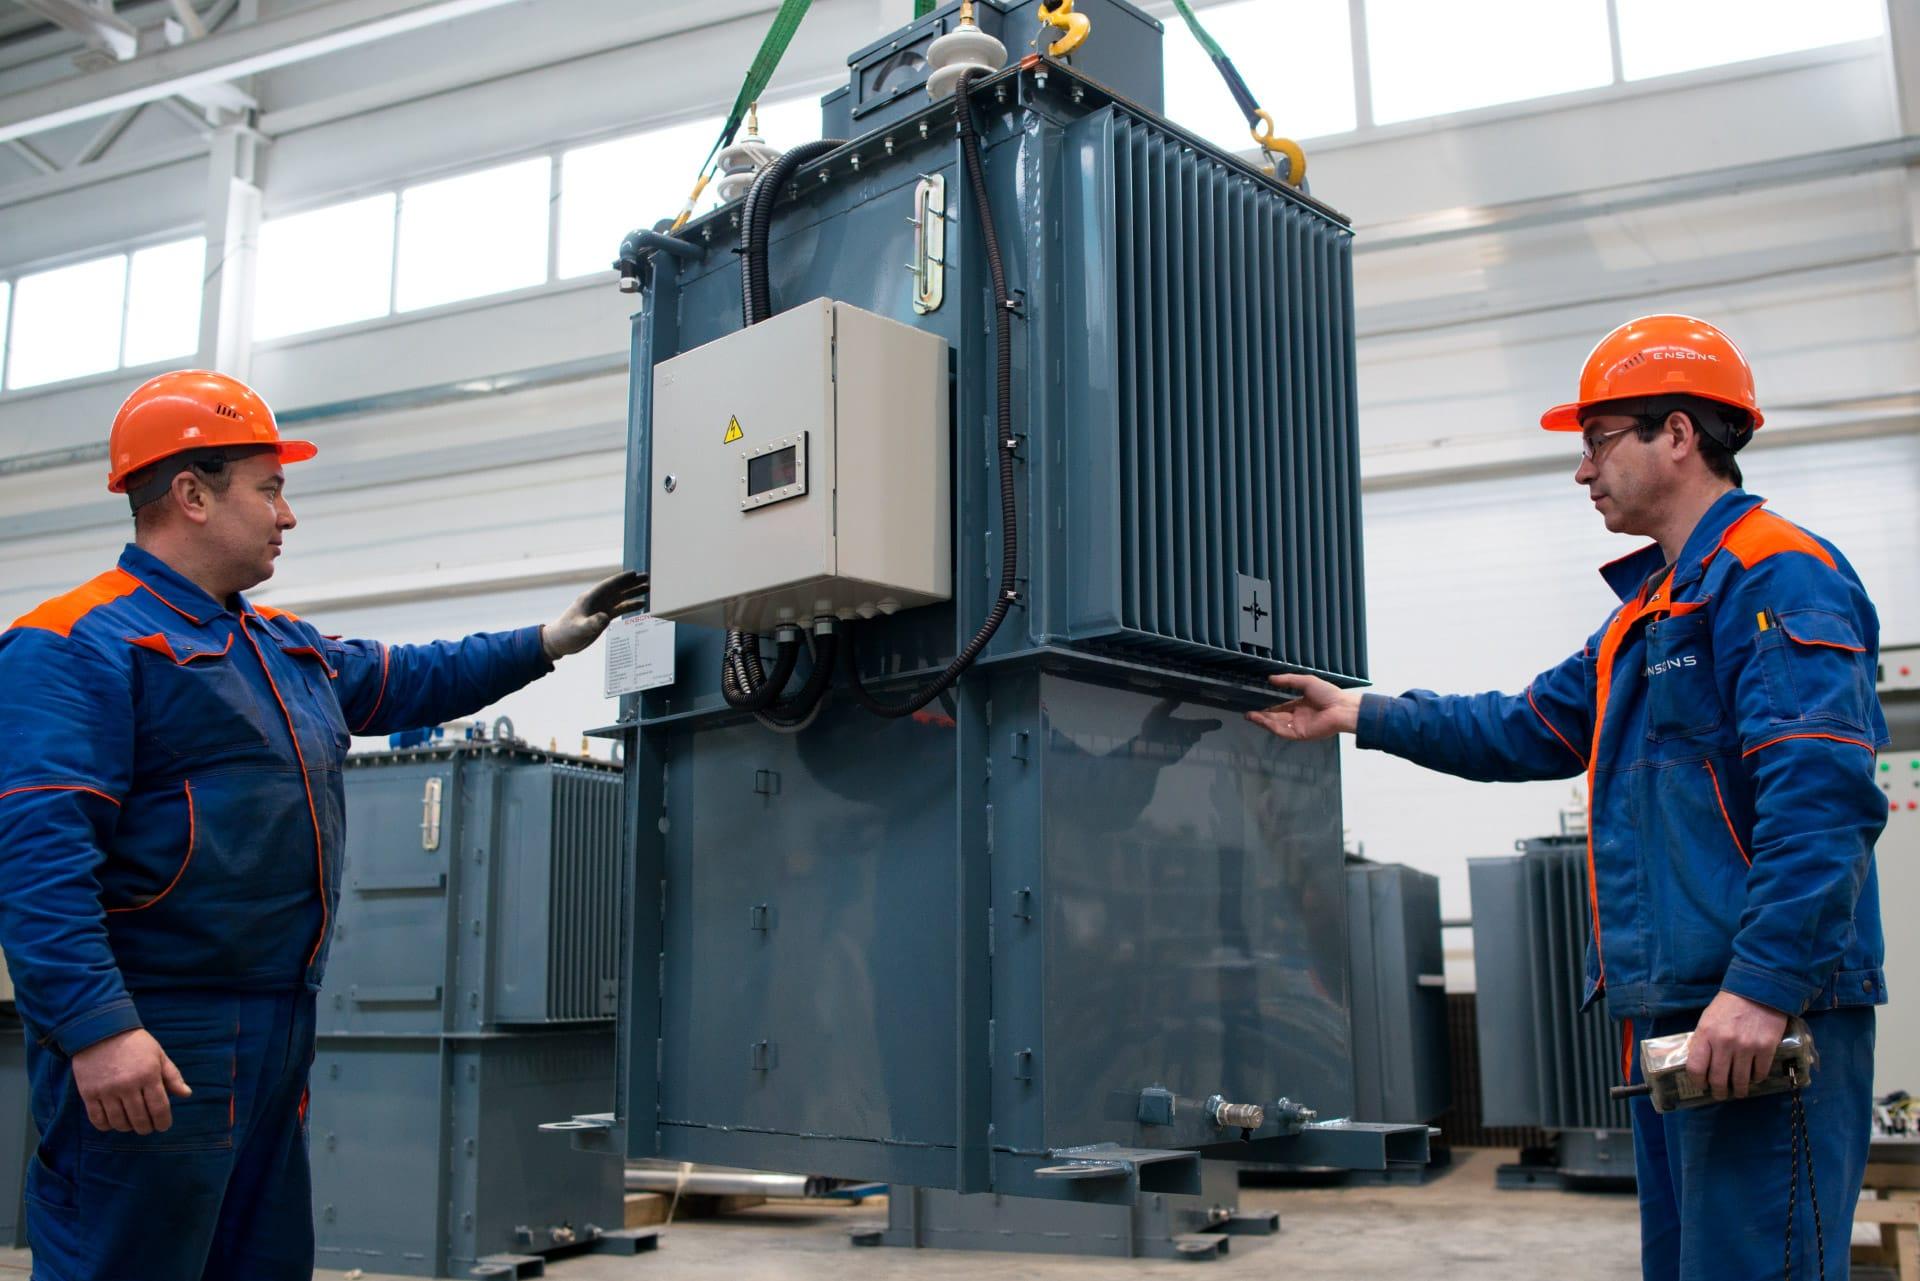 Ensons - Готовый дугогасящий реактор РЗДПОМ на отгрузку